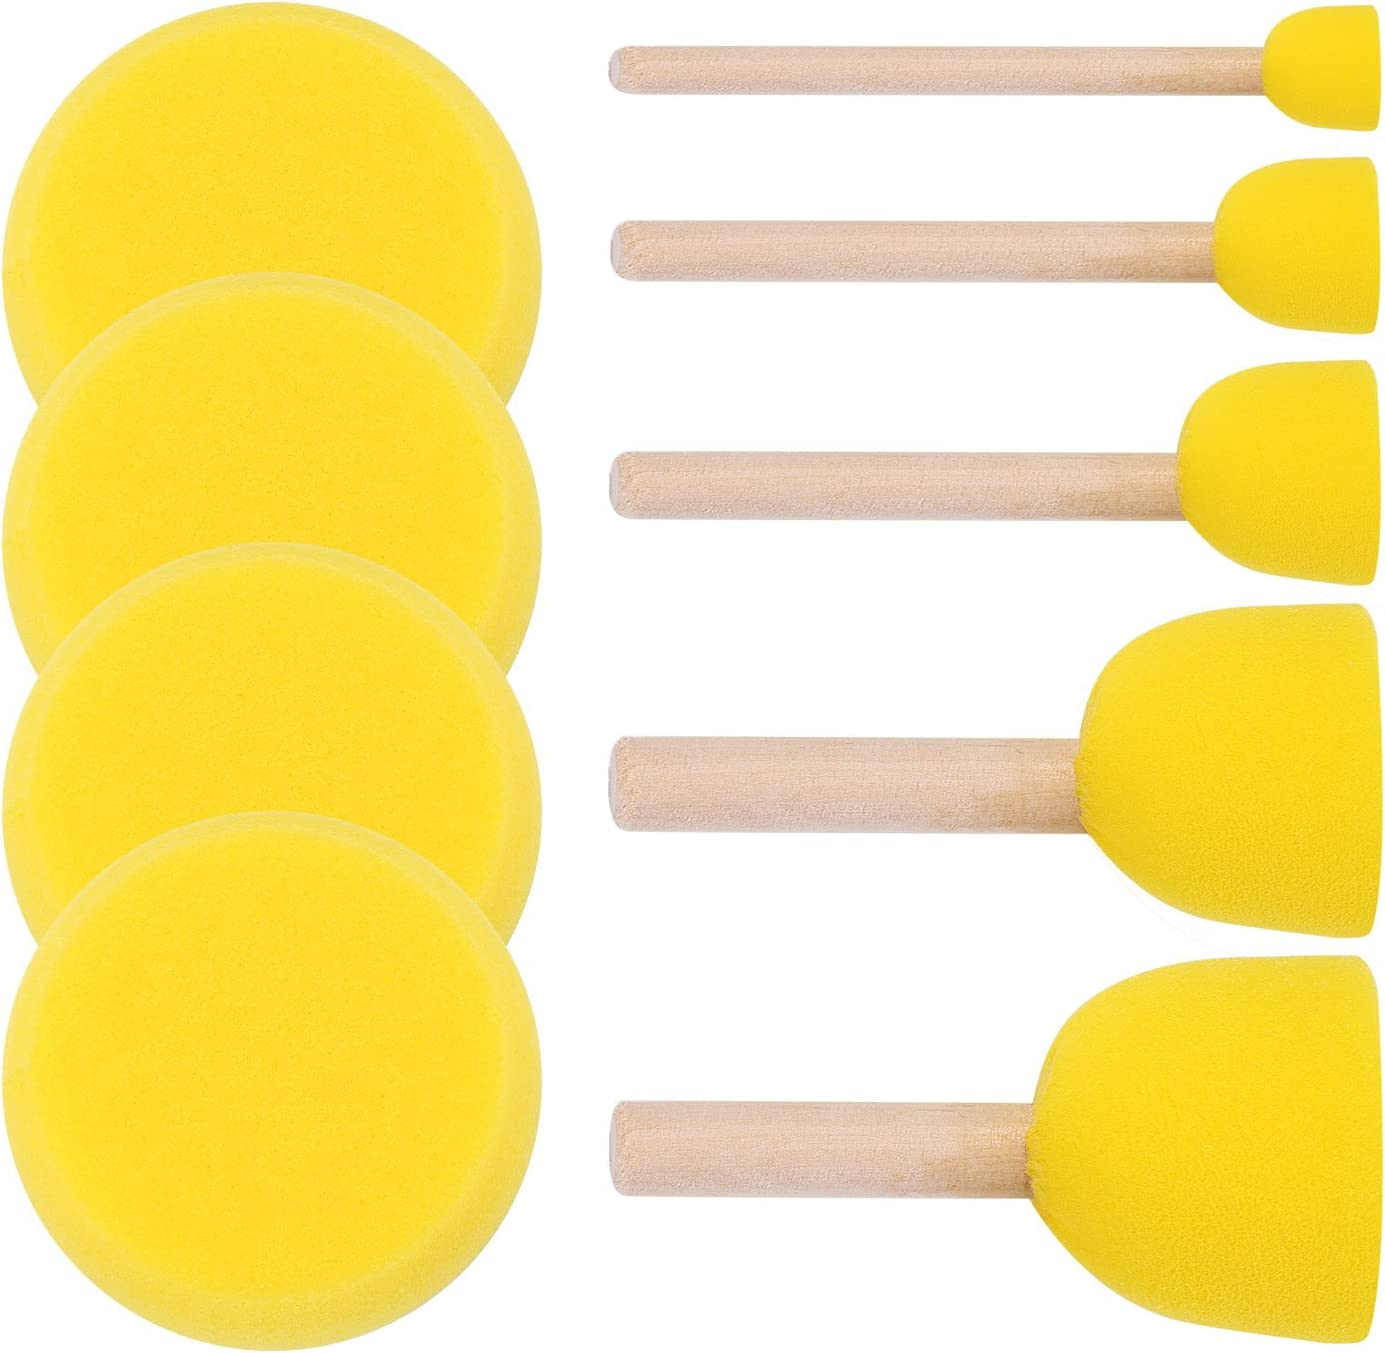 ULTNICE Runde Schw/ämme Pinsel Set Kinder Pinsel DIY Malerei Werkzeuge Packung mit 20